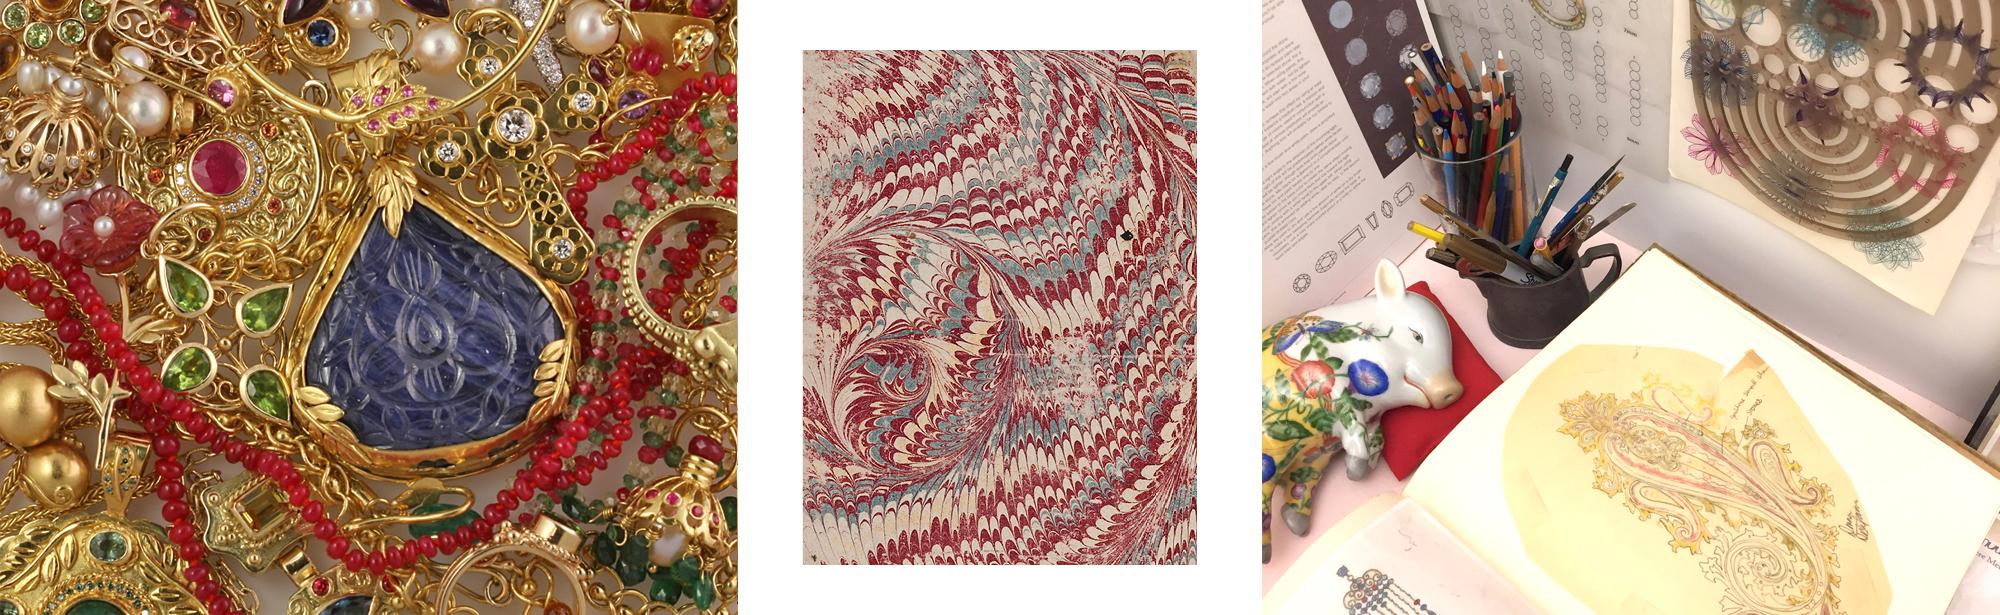 DD_Atelier_Collages_custom_section_3_v5.jpg